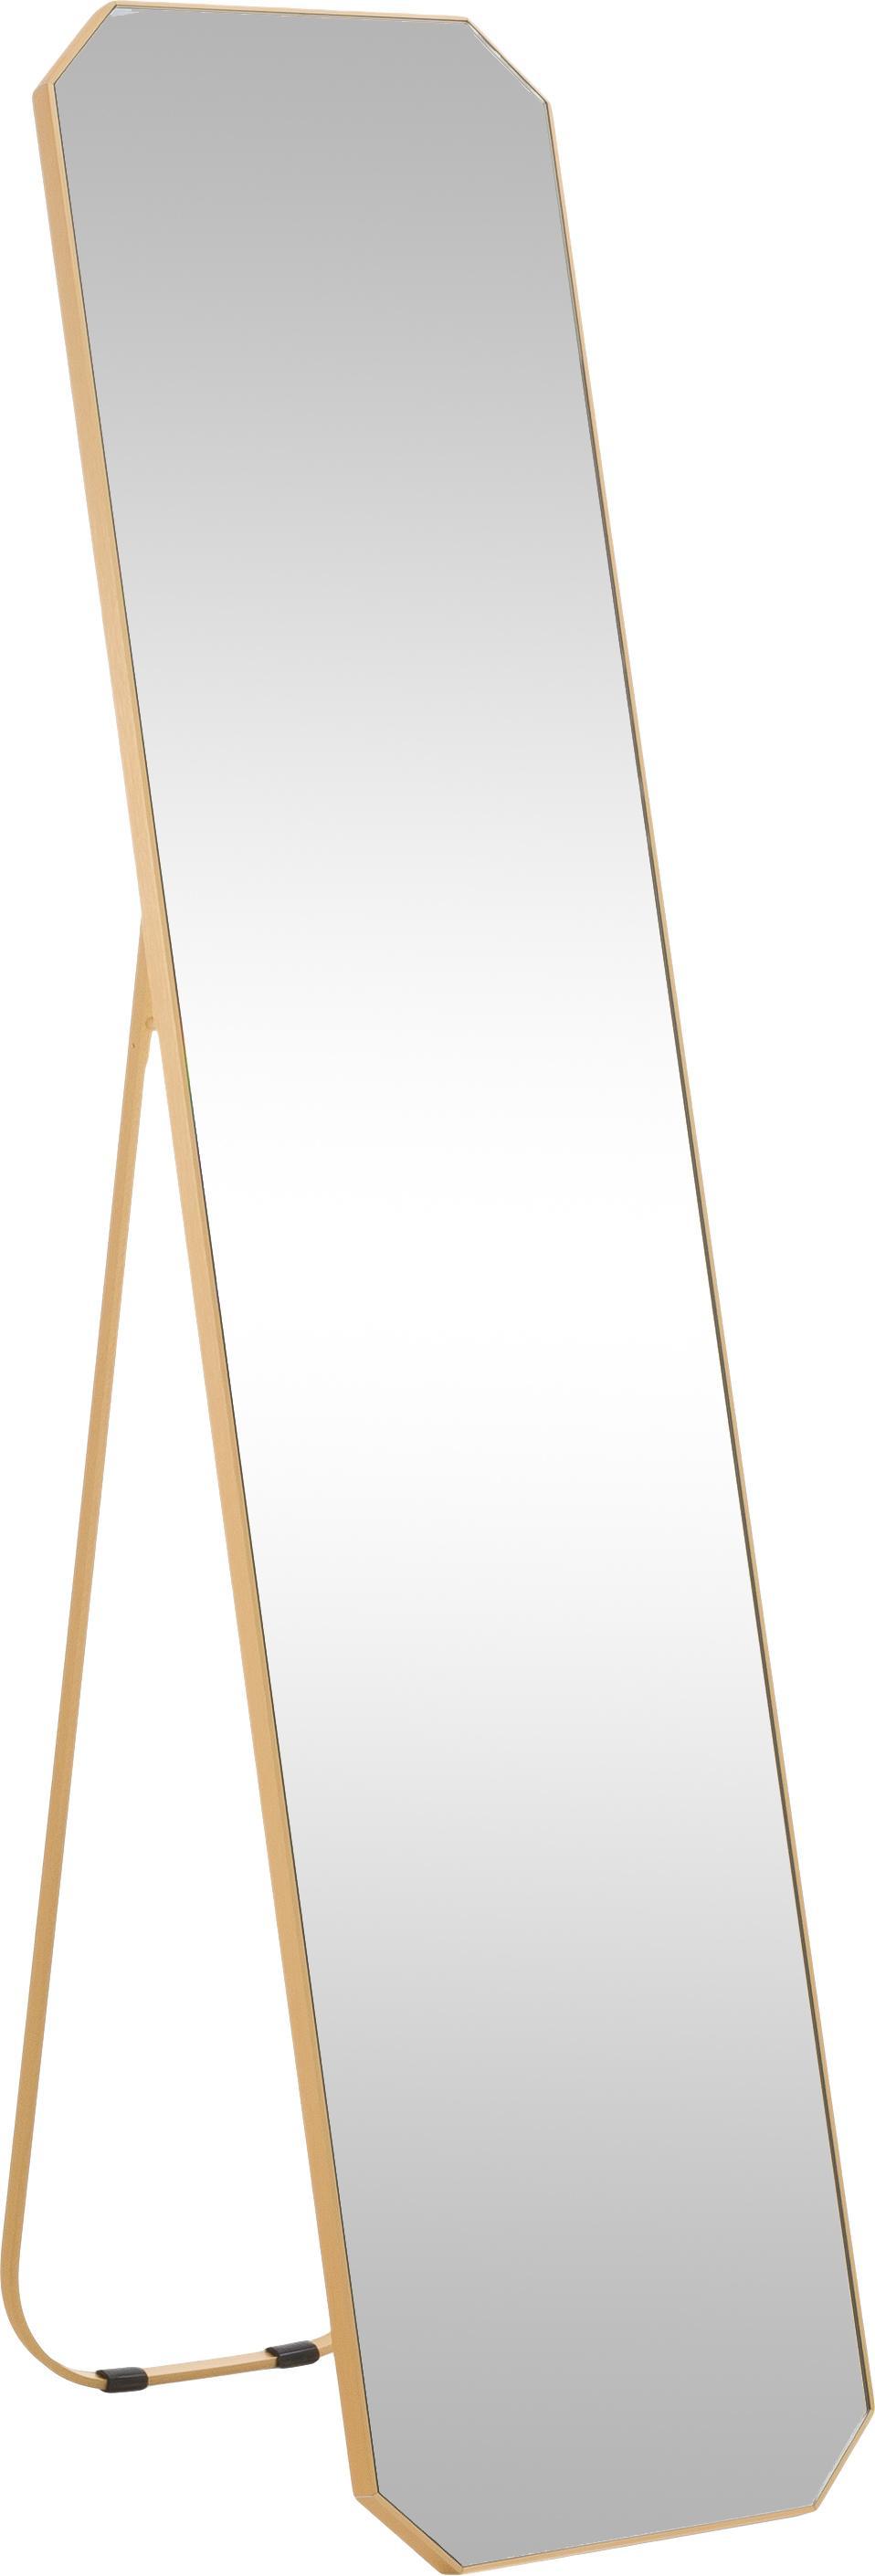 Rechthoekige vloerspiegel Bavado met gouden lijst, Lijst: gecoat aluminium, Messingkleurig, 41 x 175 cm